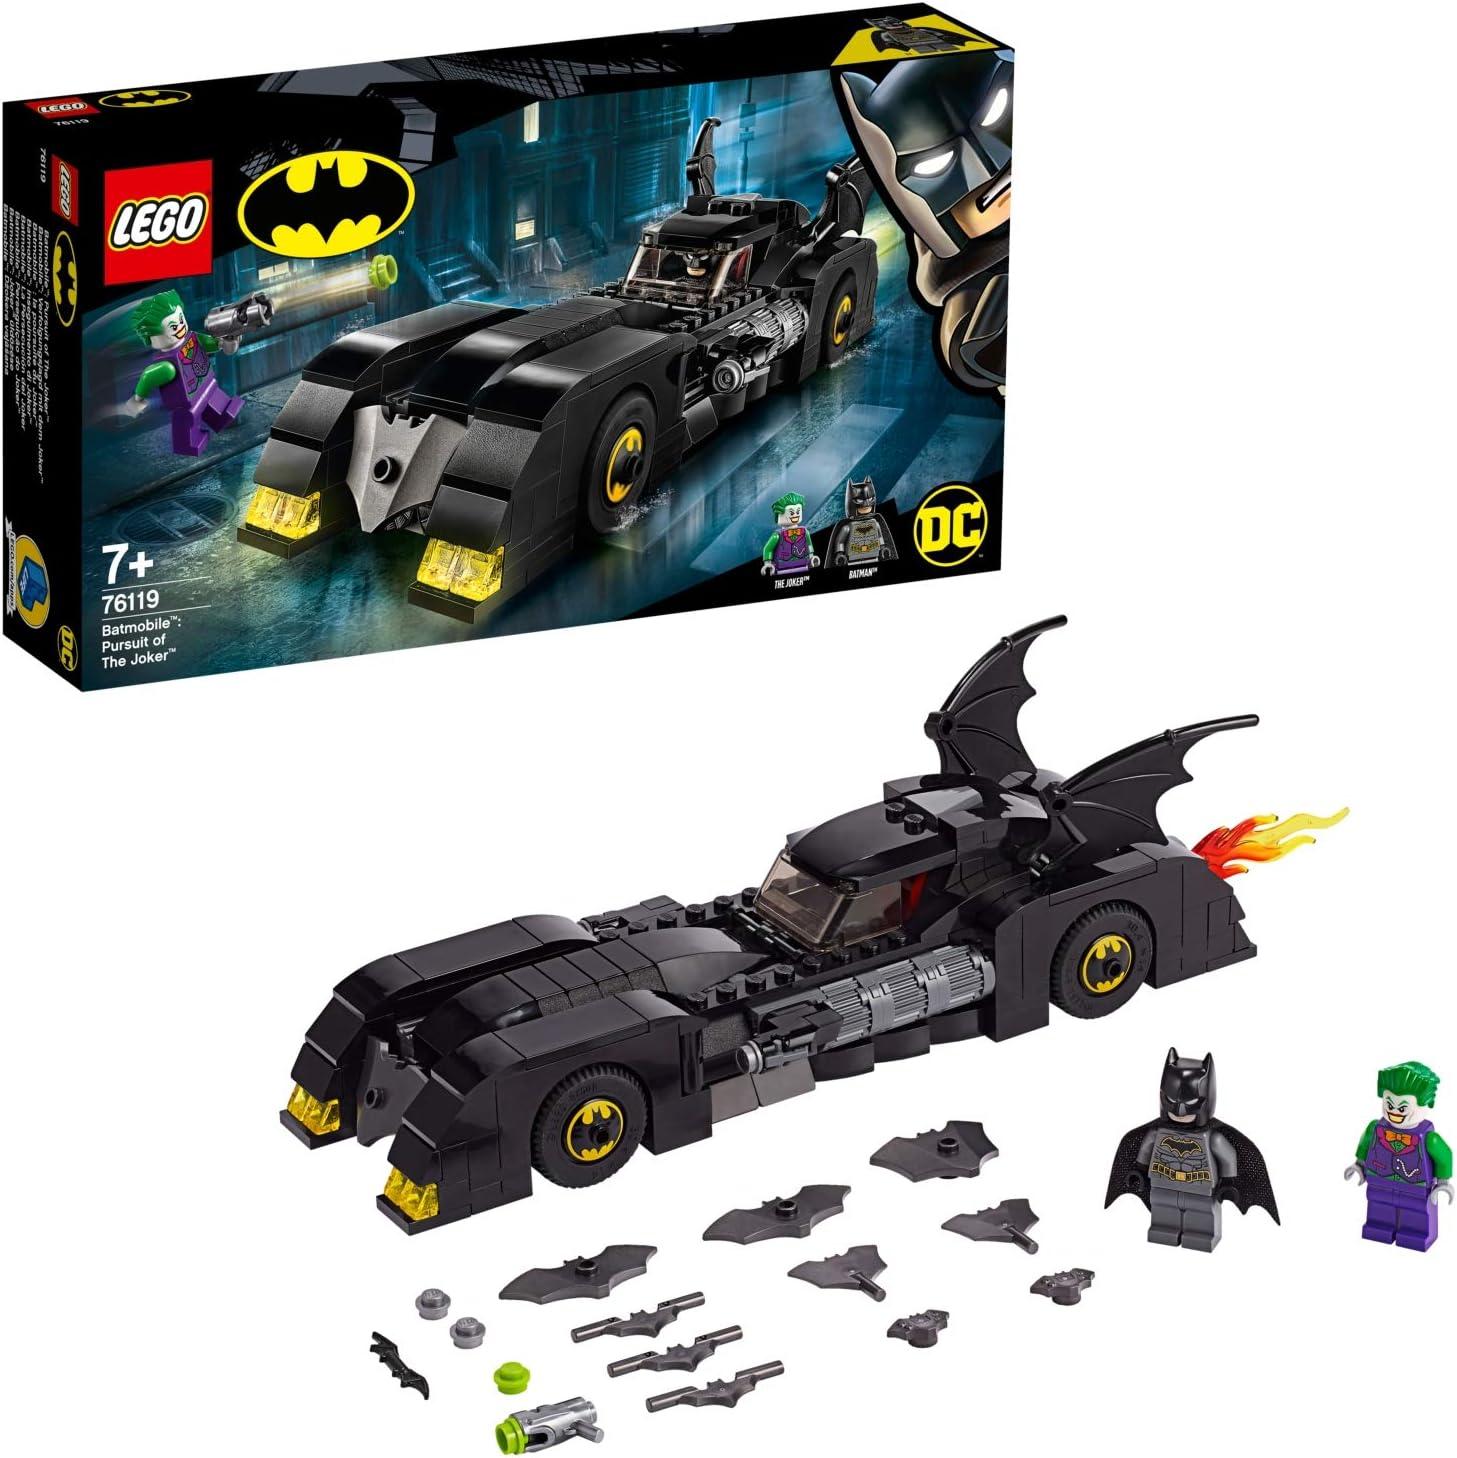 Lego 6251455 Lego Batman Super Heroes Lego Batman Batmobile